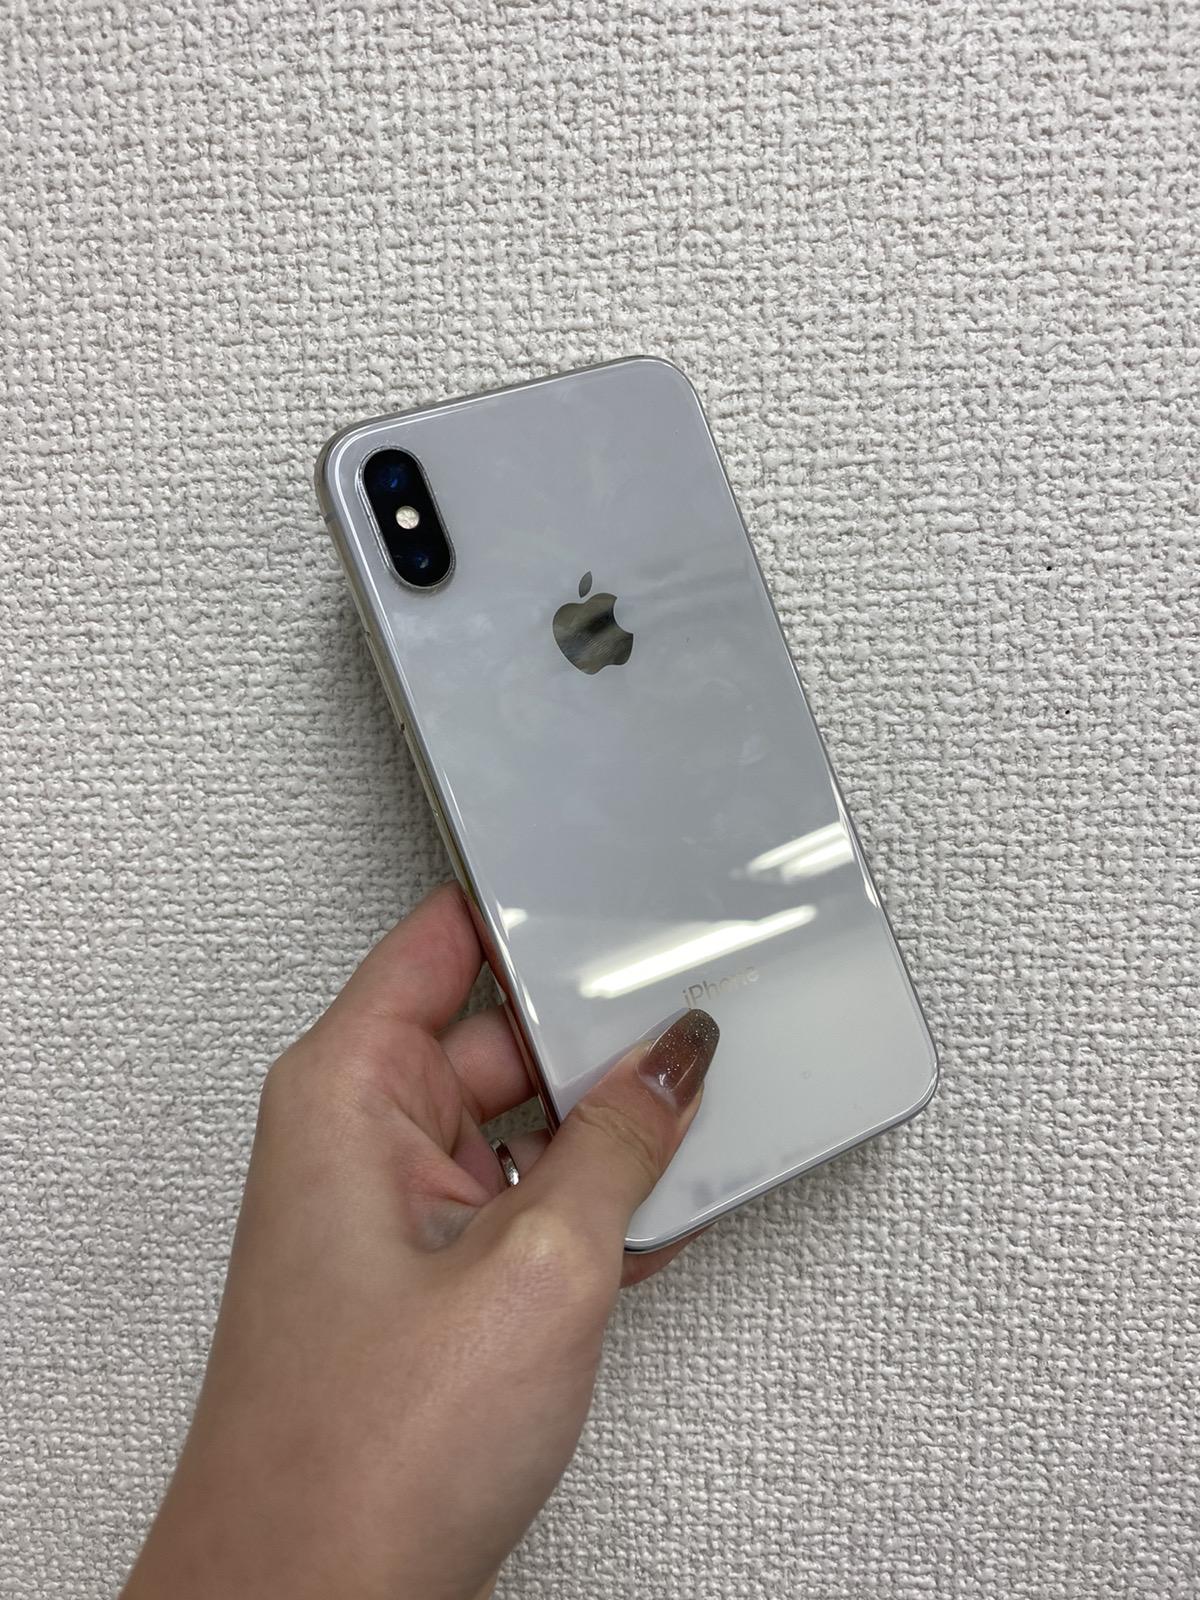 iPhoneX 256GB シルバー Docomo〇中古